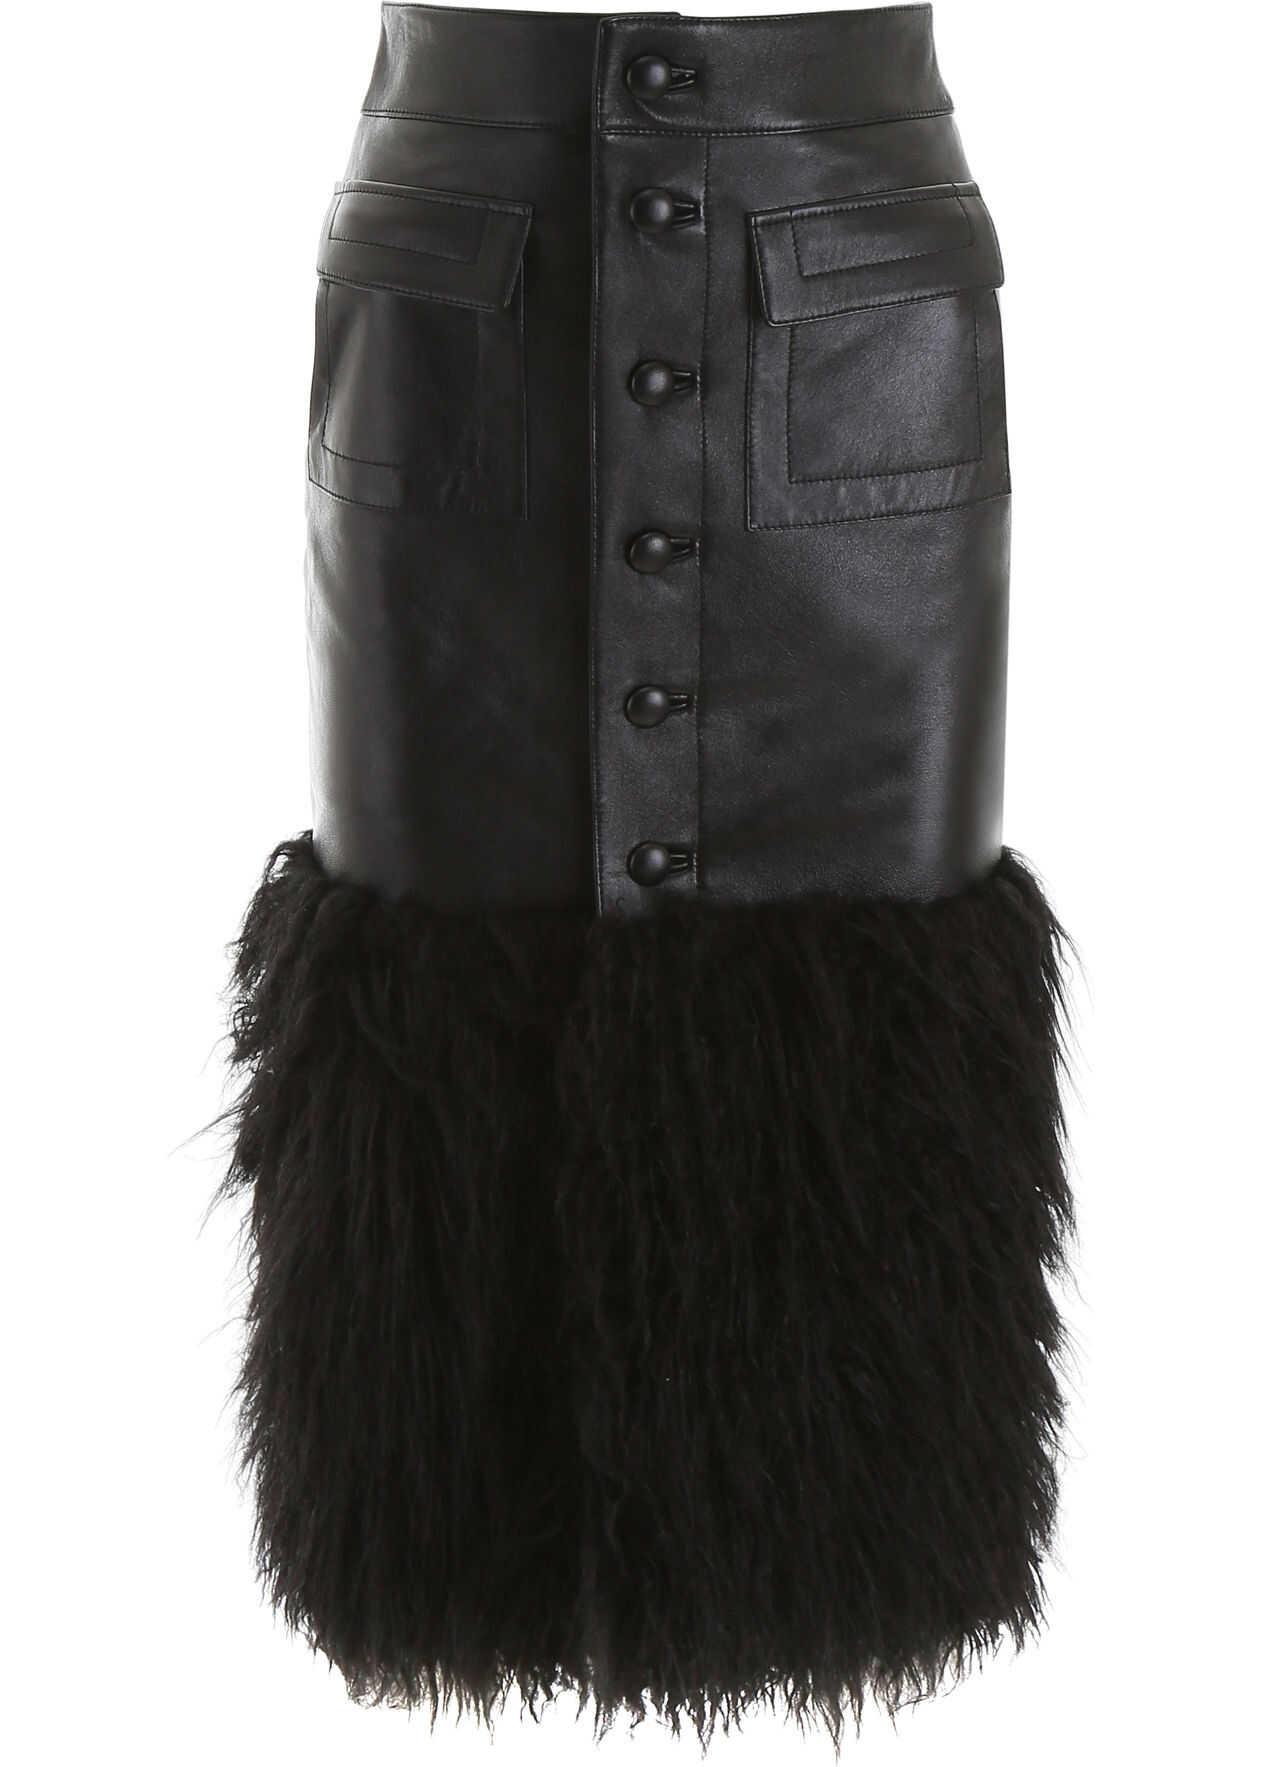 Saint Laurent Leather And Faux Fur Skirt BLACK